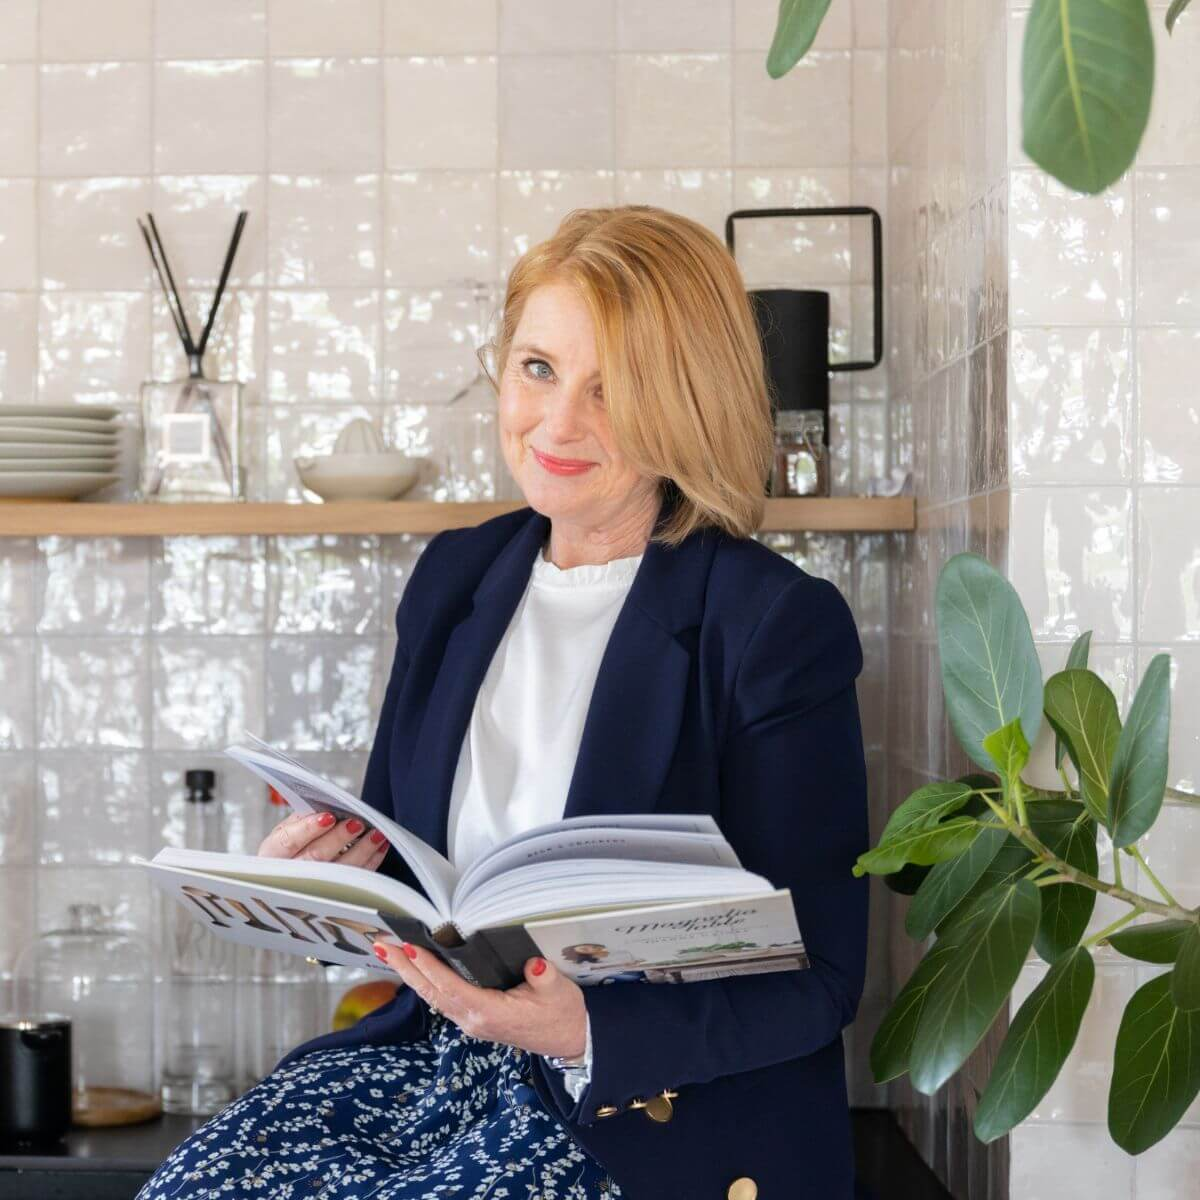 Claudia Vesters Online Programma Afvallen 4